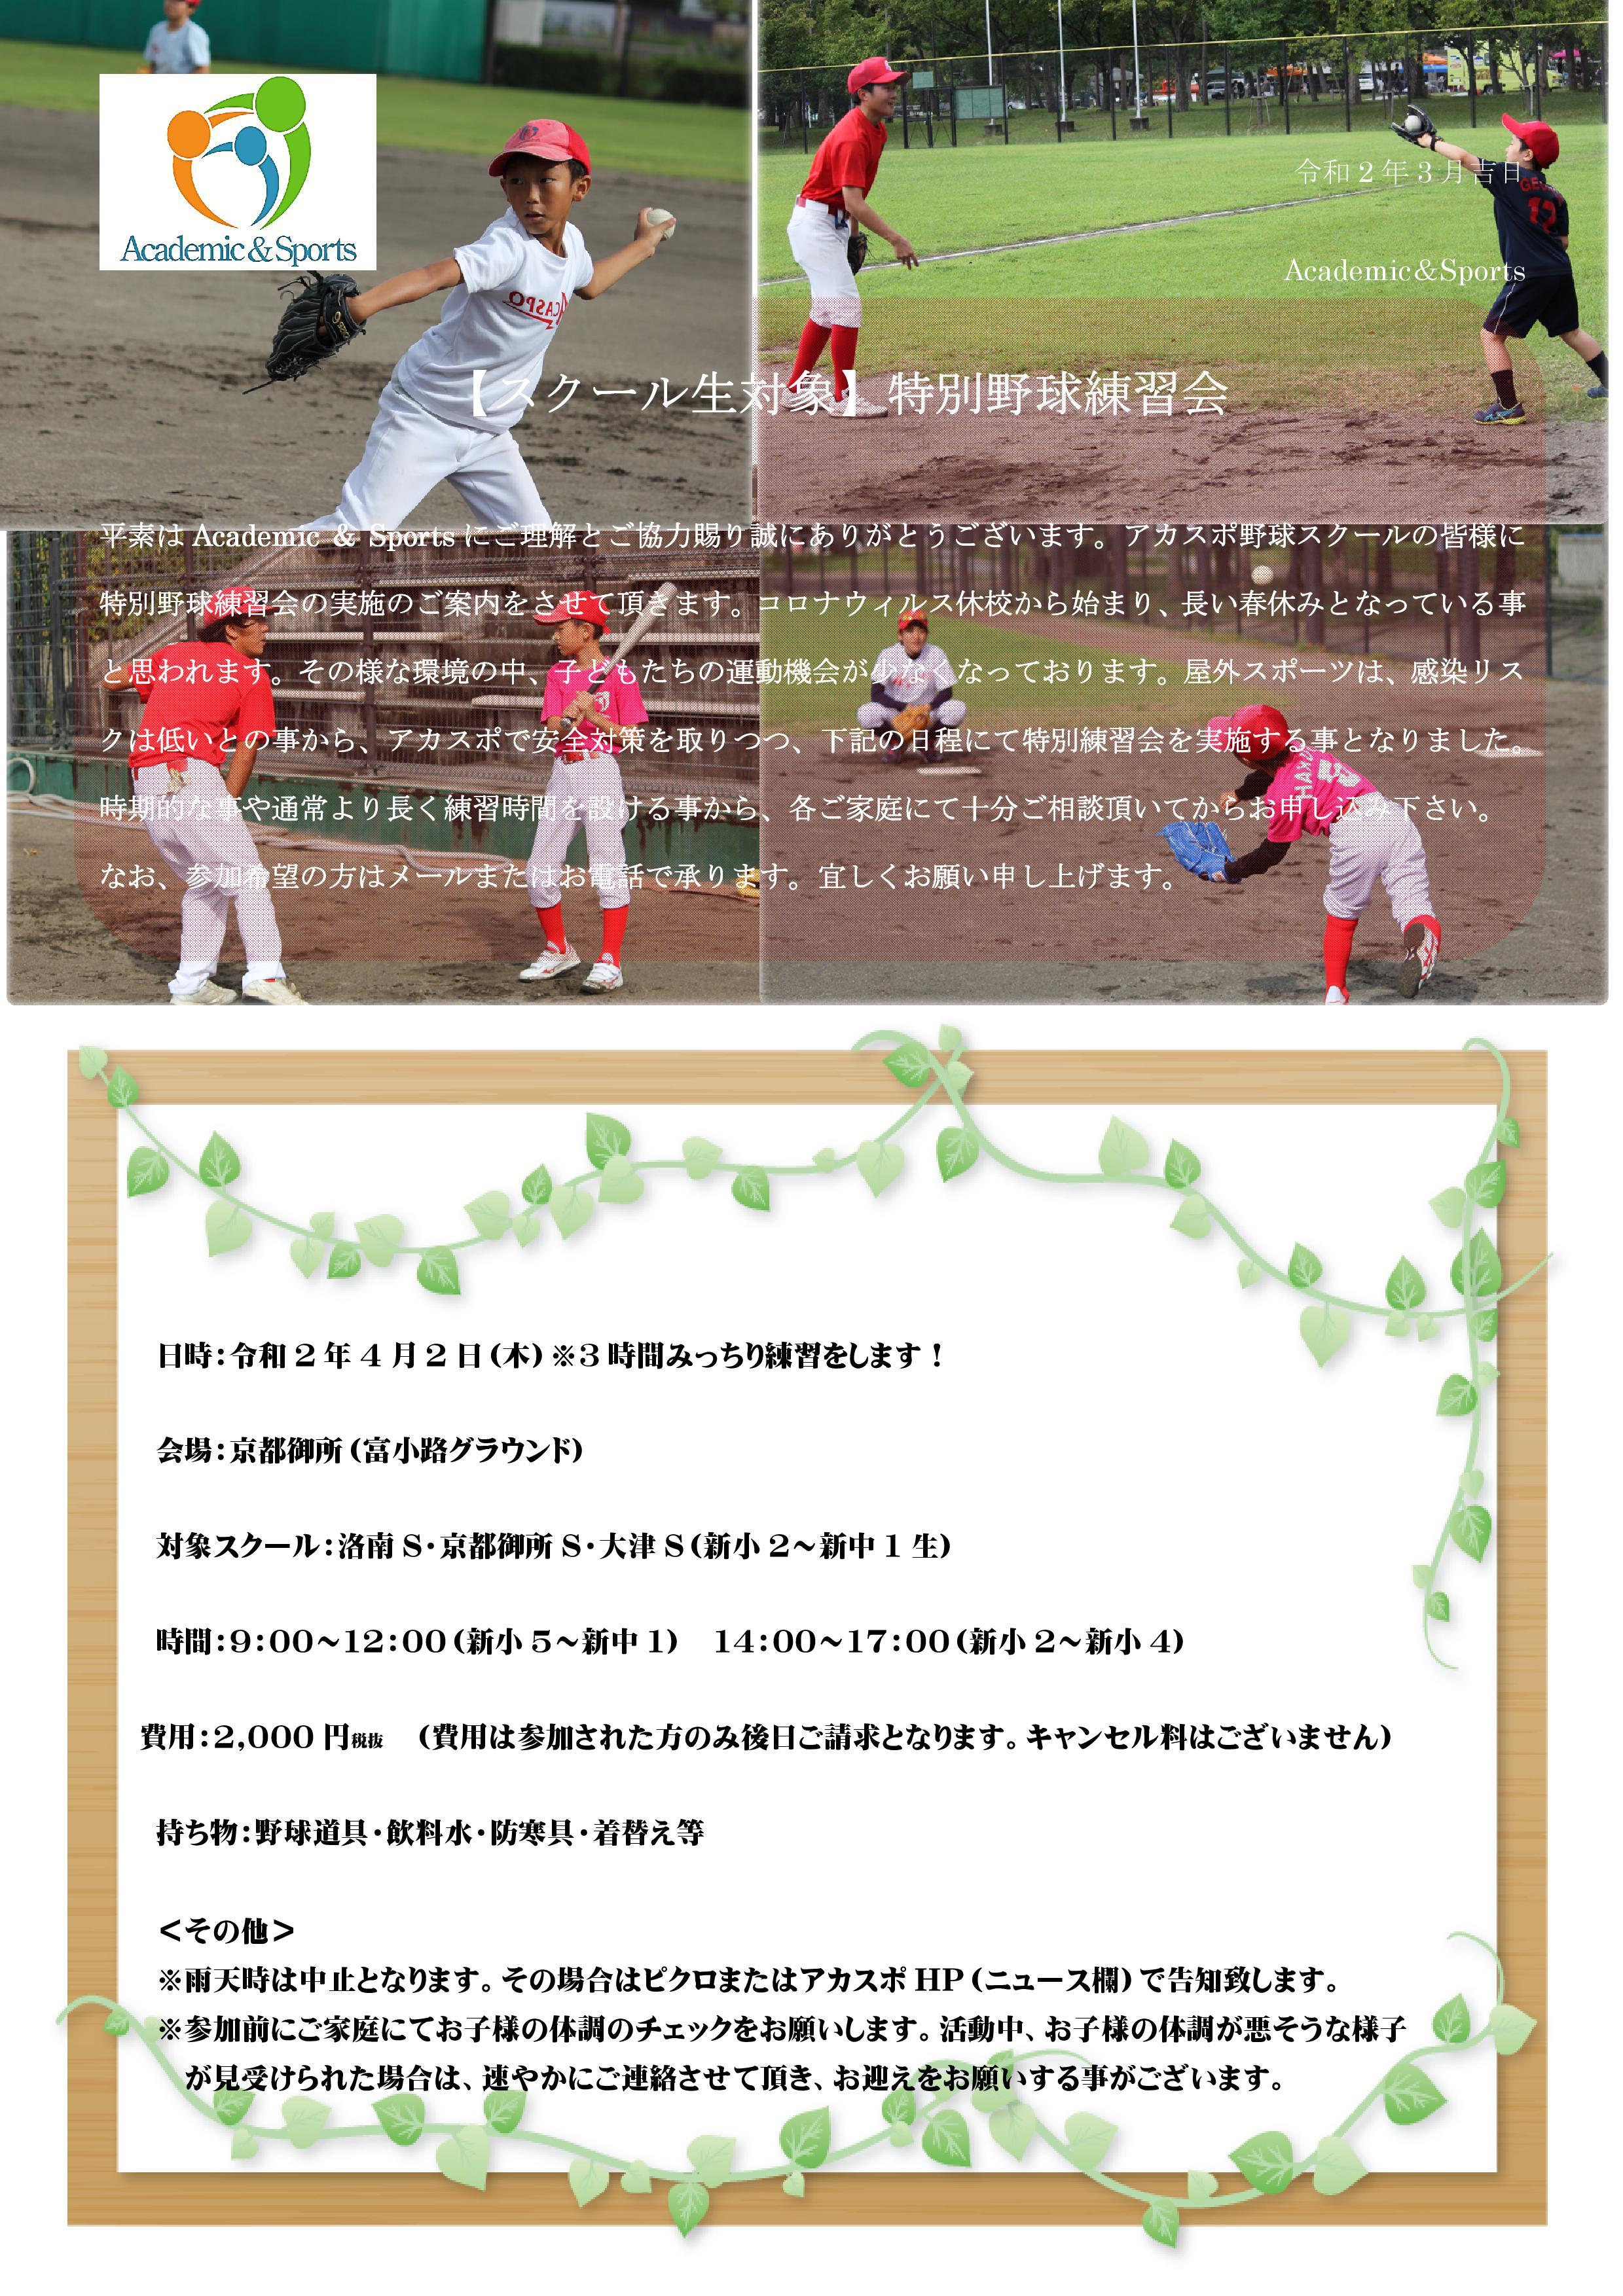 【野球スクール】特別練習会